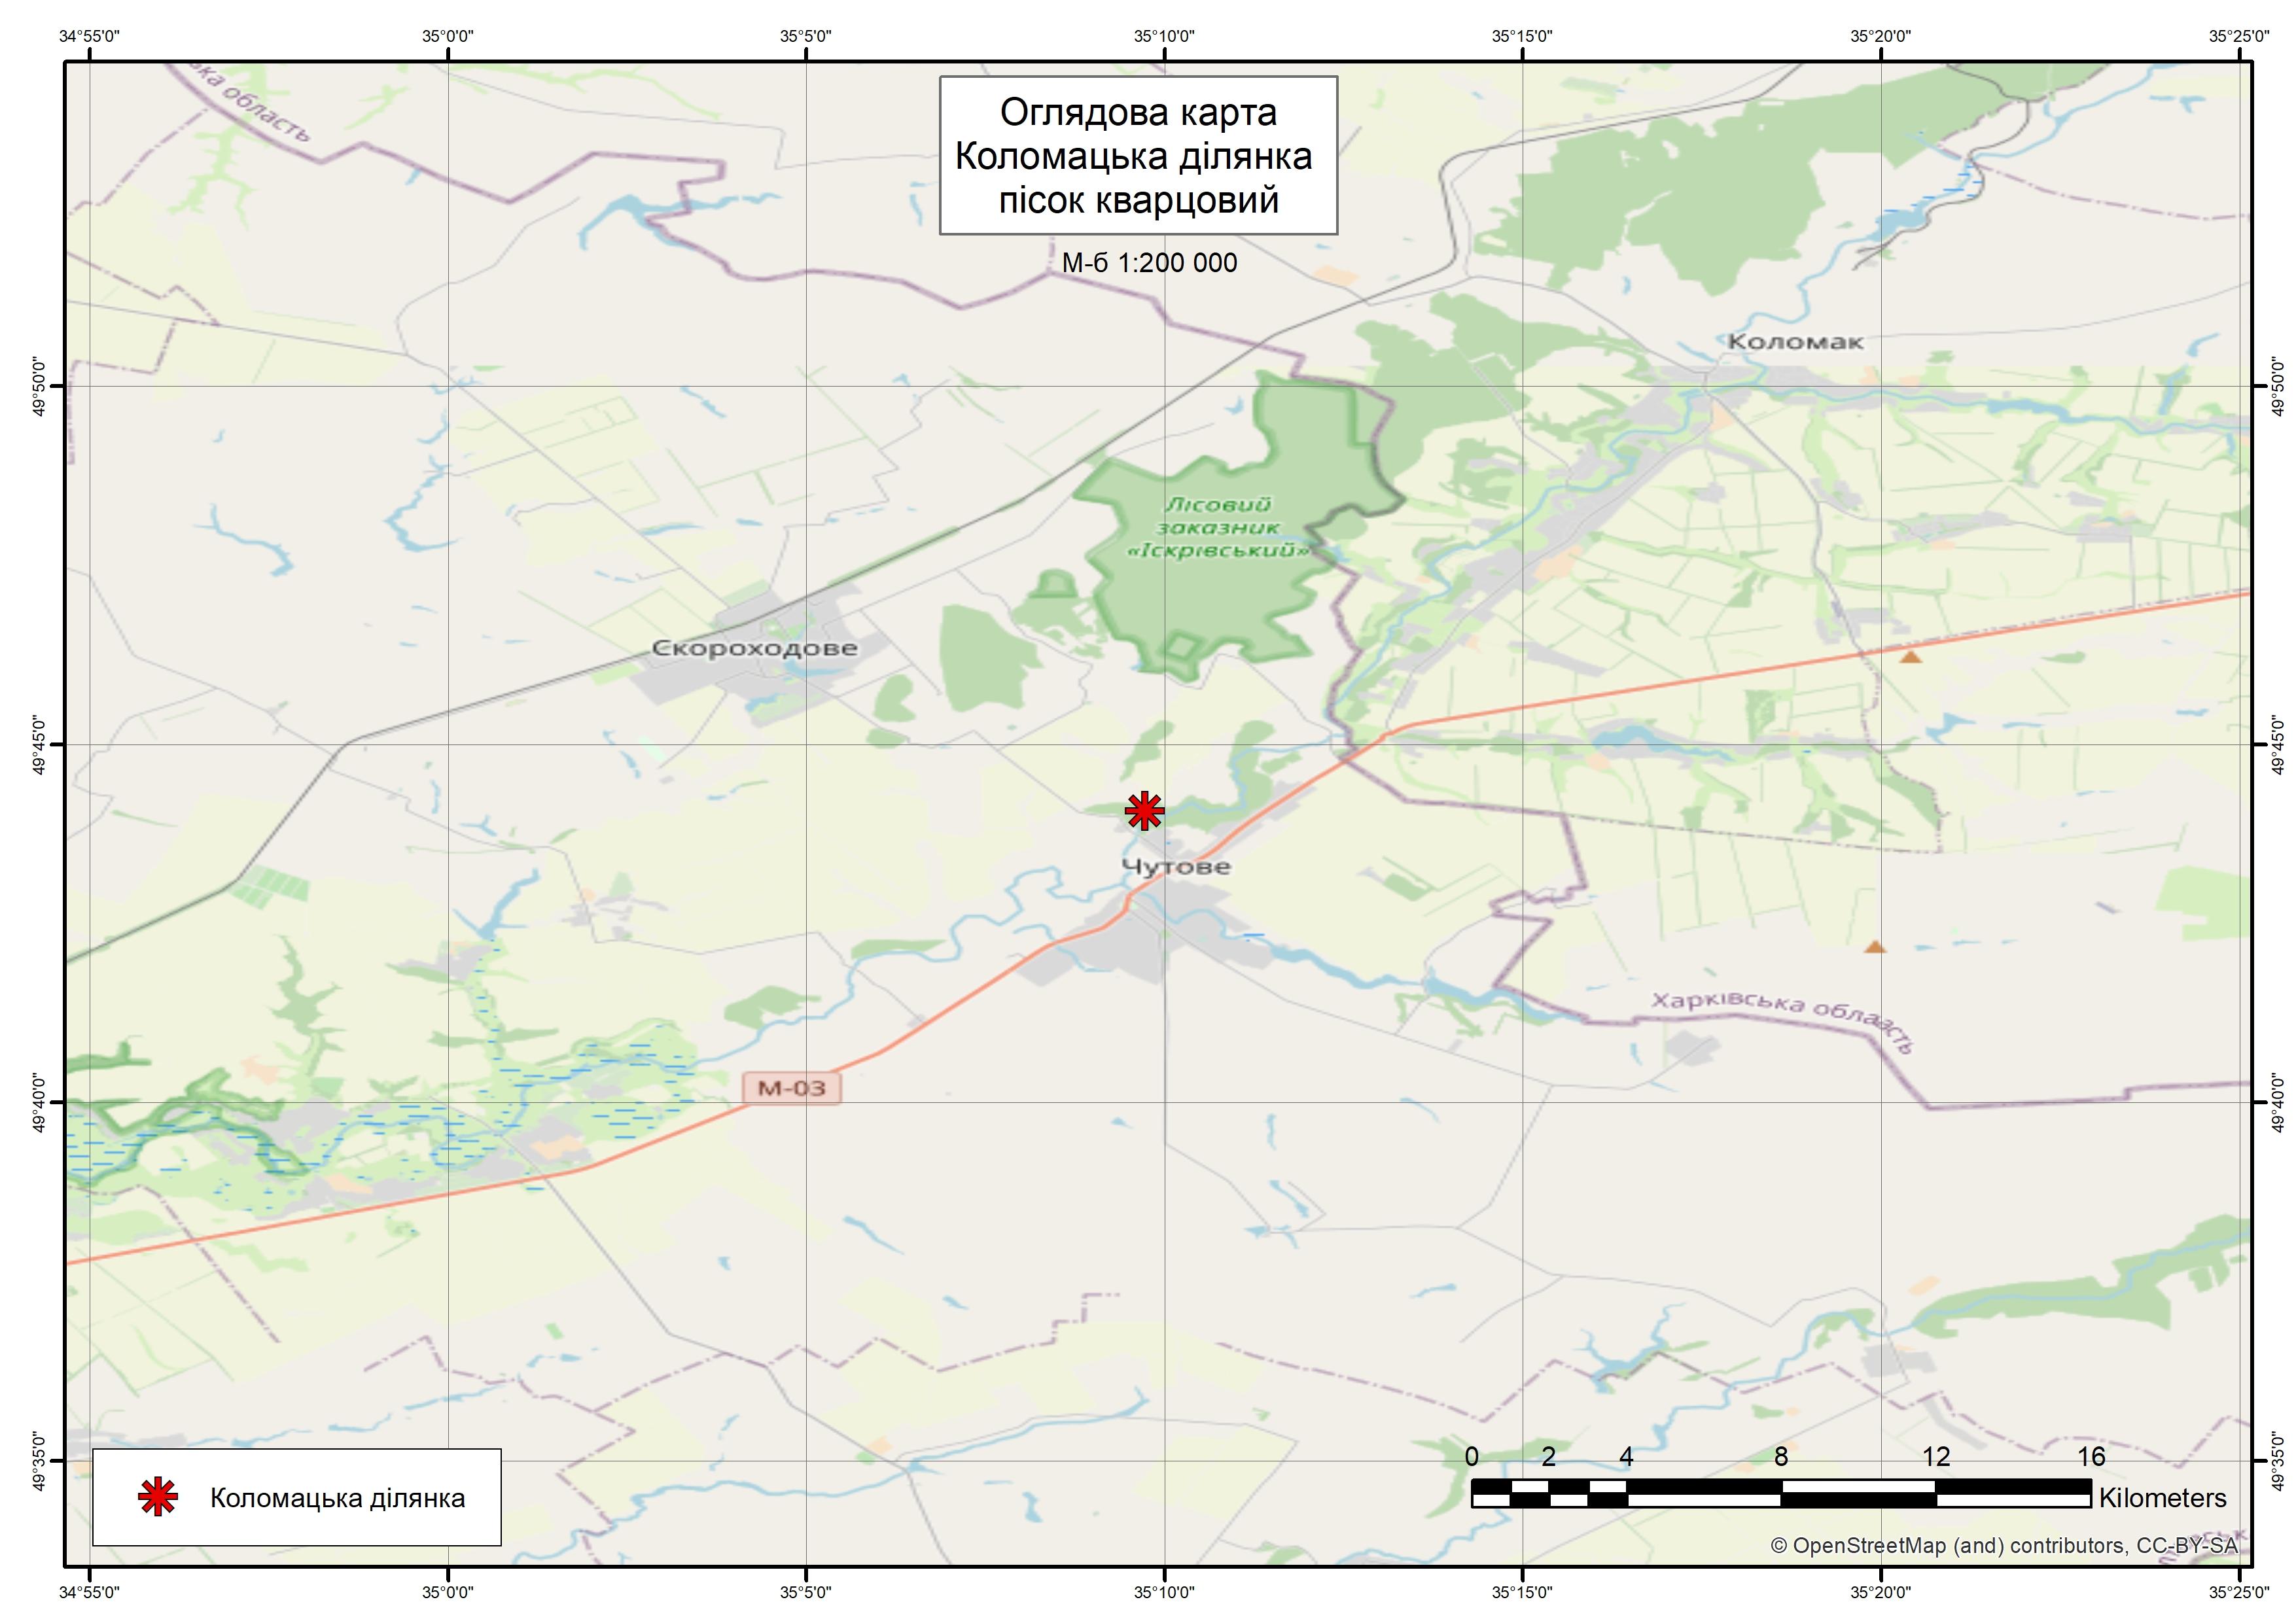 Спеціальний дозвіл на користування надрами – Коломацька ділянка. Вартість геологічної інформації – 56 608,07 грн (з ПДВ). Вартість пакету аукціонної документації – 4 500 грн (з ПДВ).